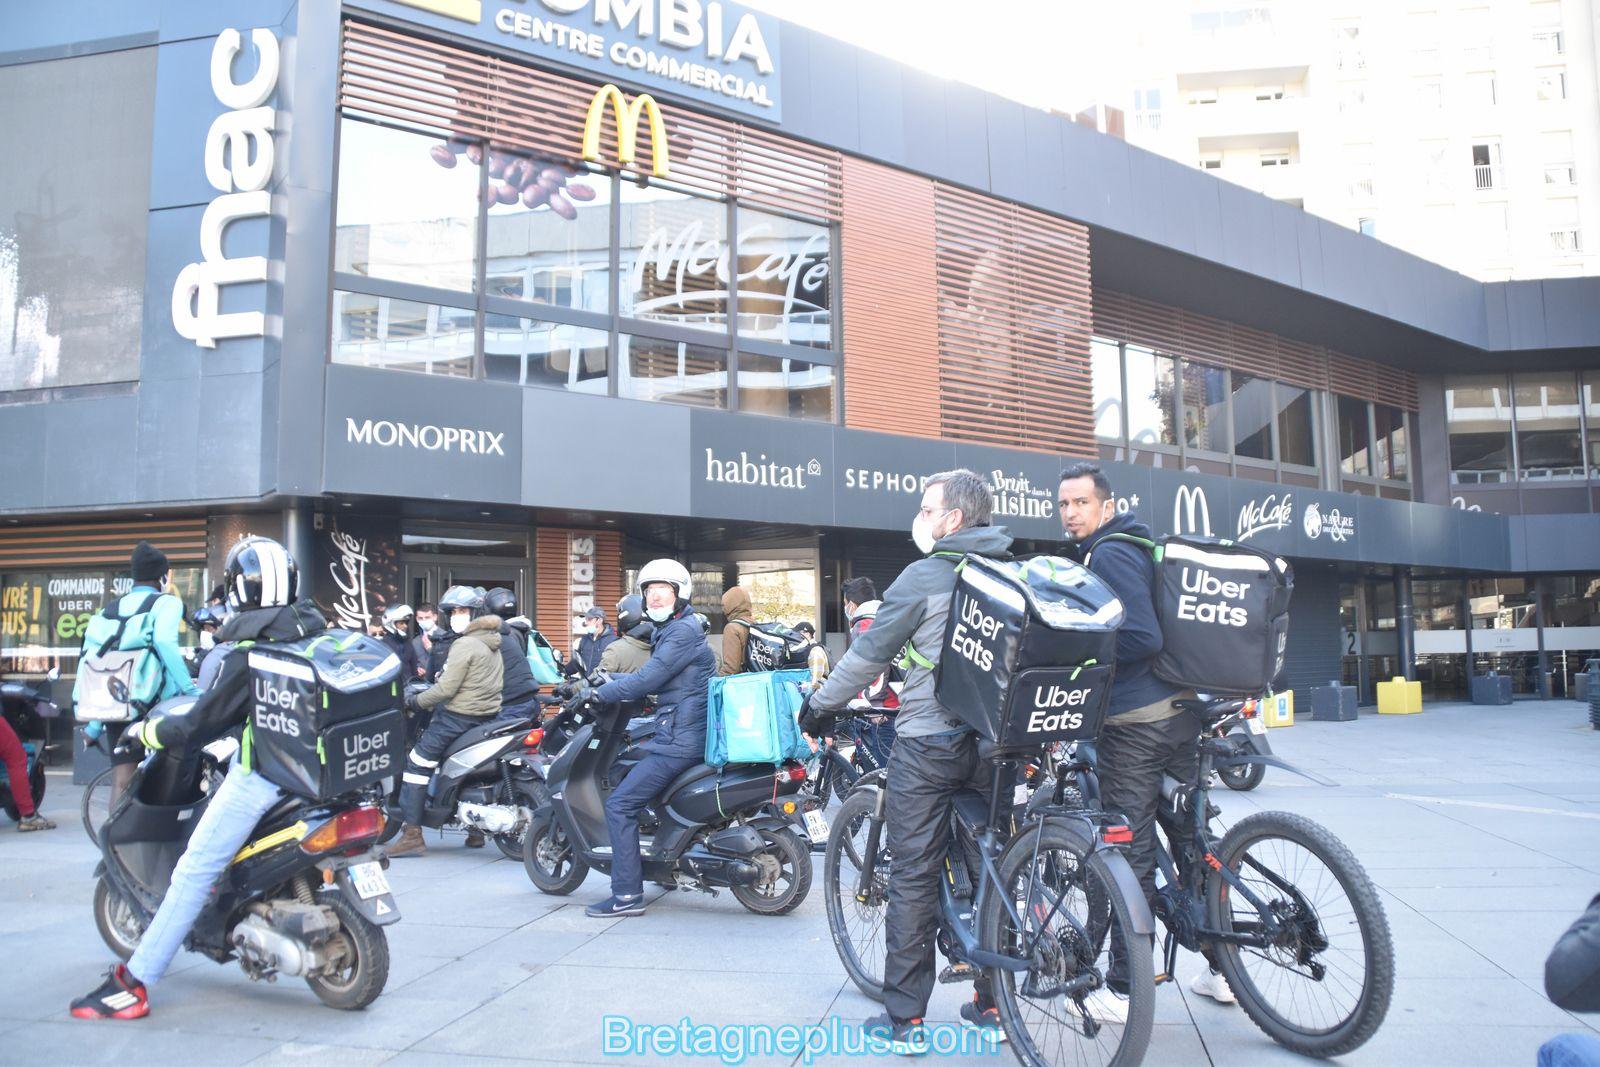 Grève des livreurs Deliveroo et Uber Eats de Rennes